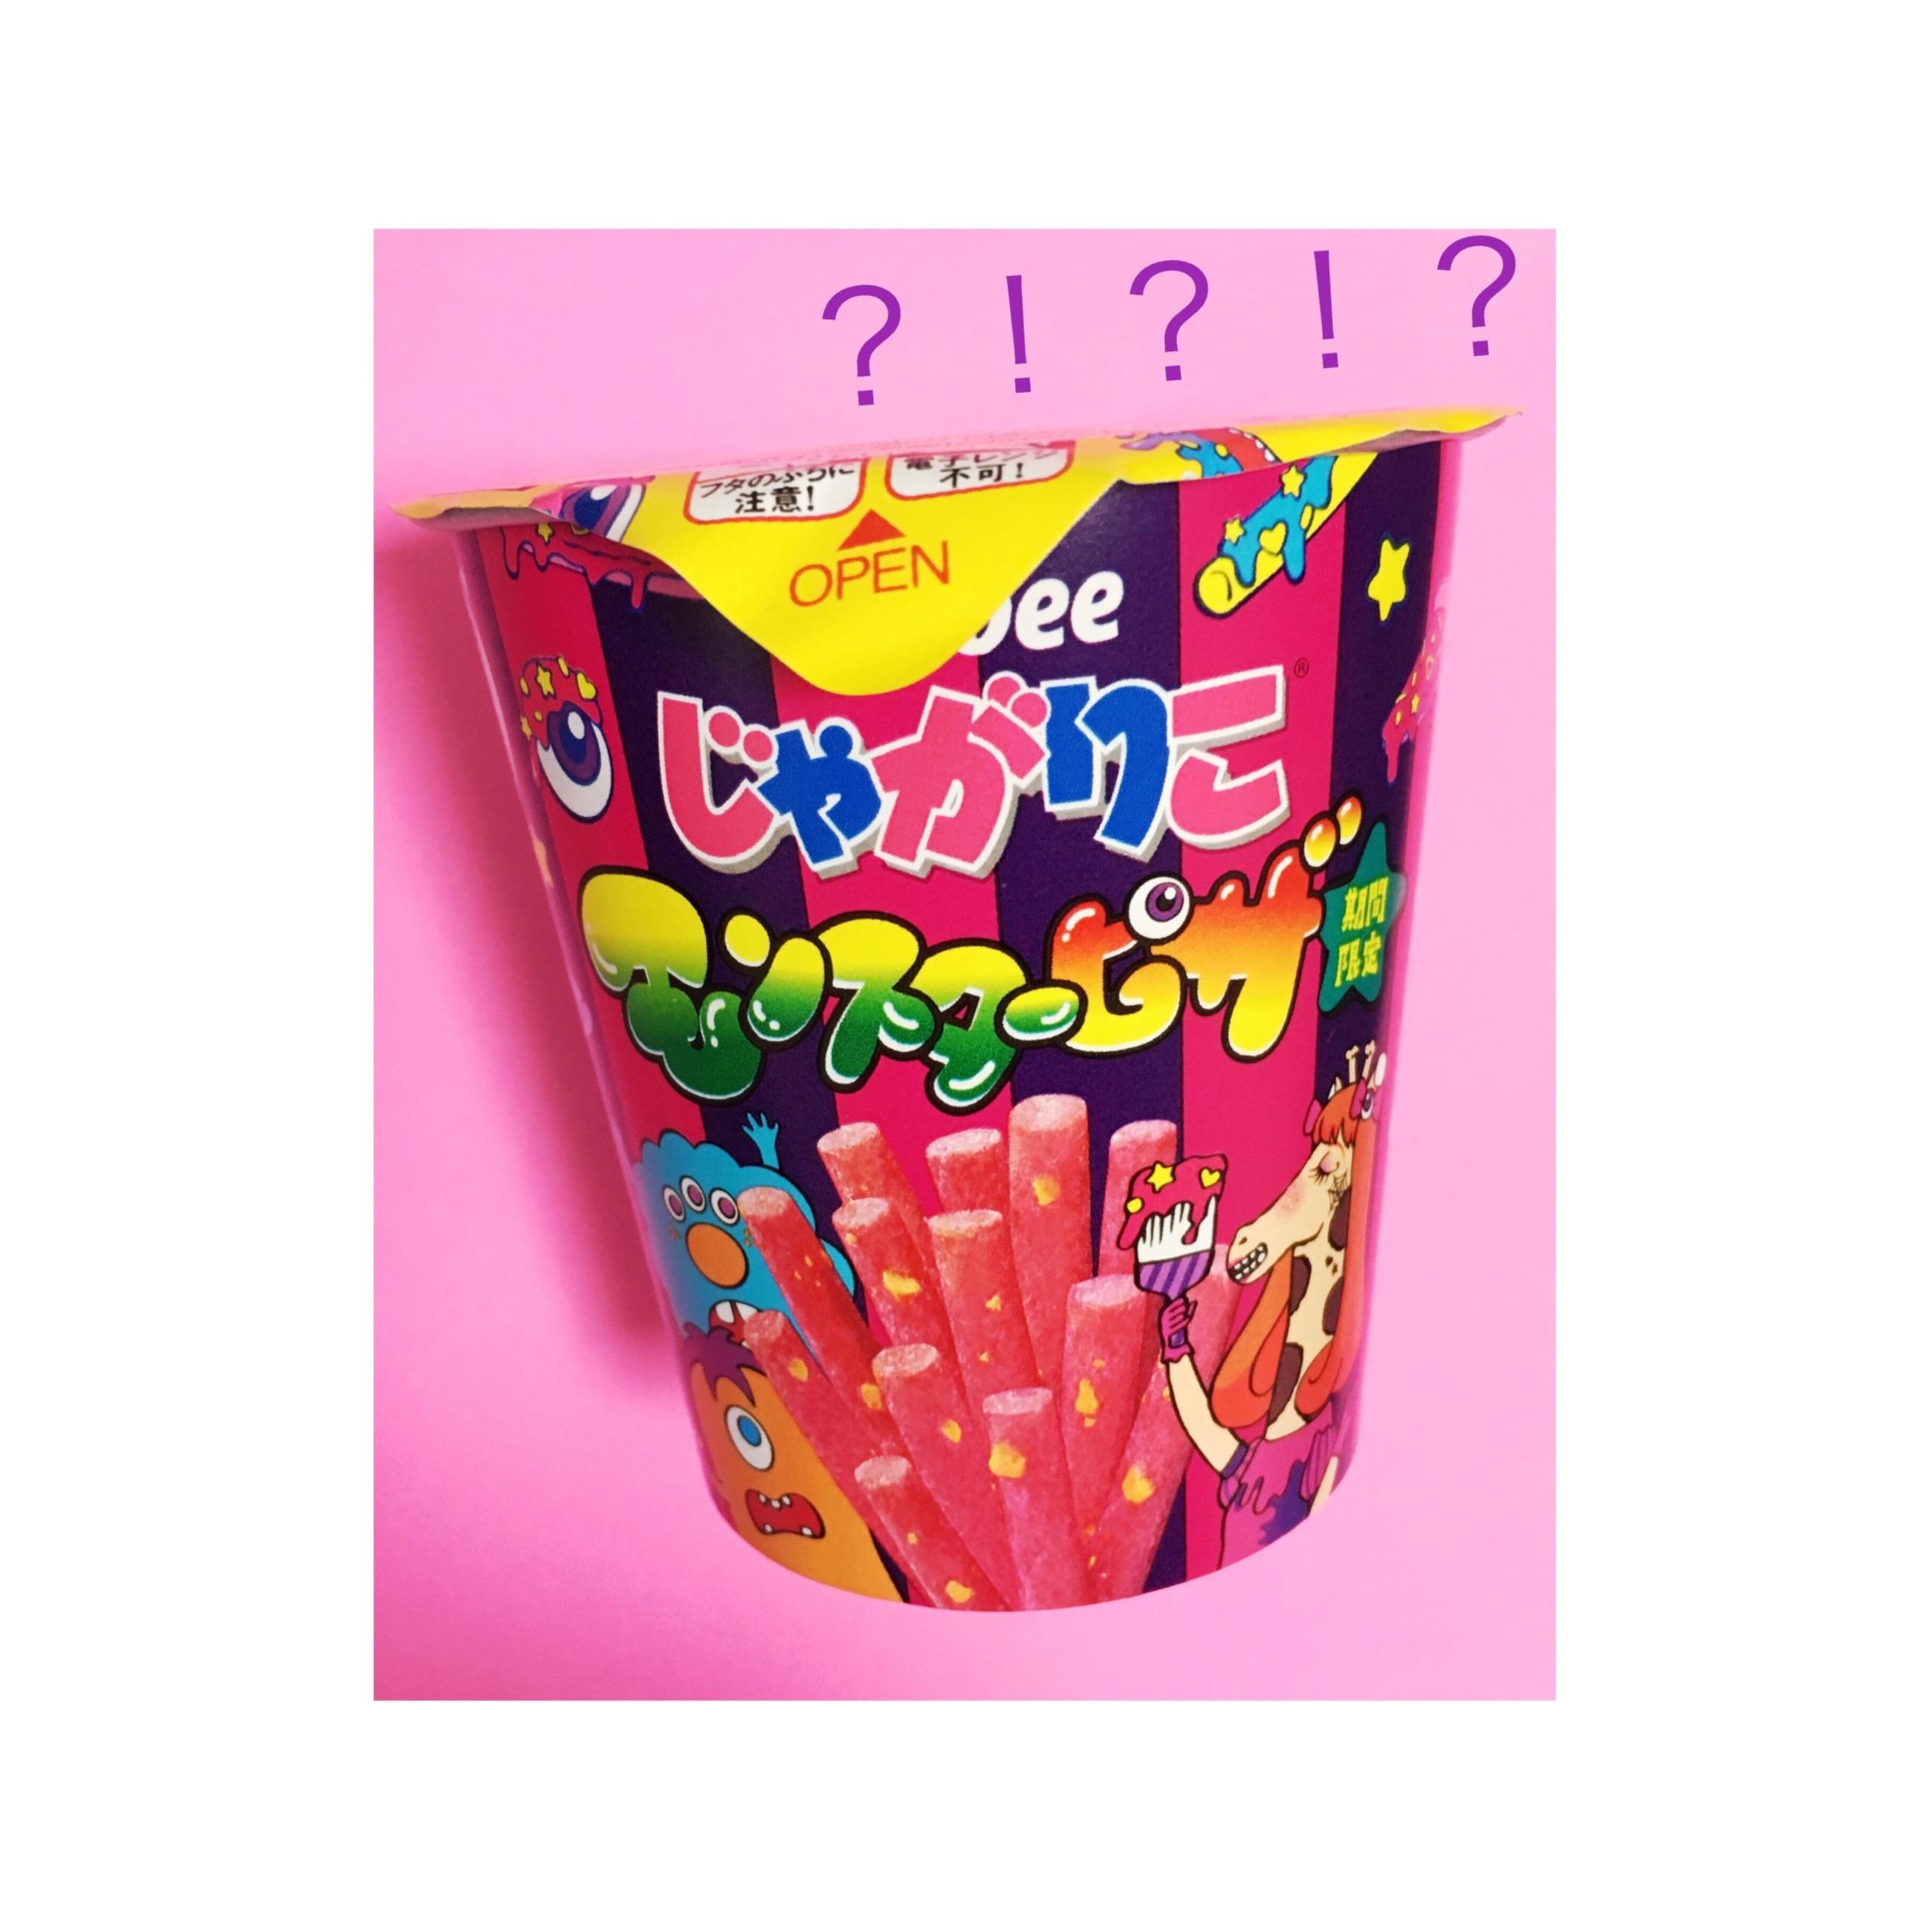 《いったいどんな味?!》【セブンイレブン限定】ピンク色のじゃがりこ登場!!期間限定モンスターピザ味★_1